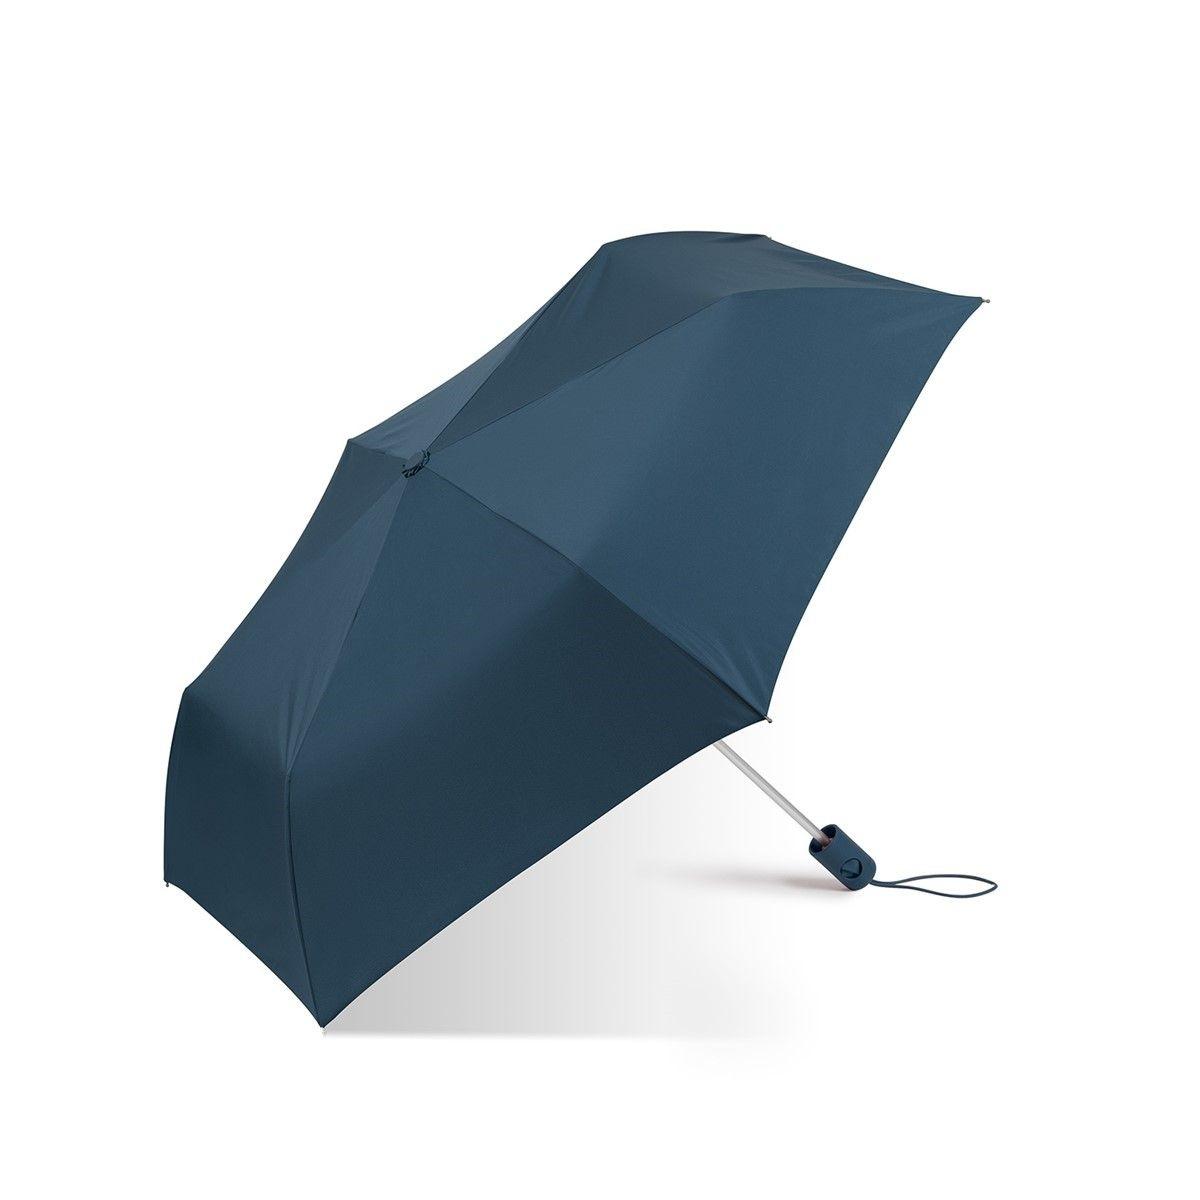 Parapluie automatique avec rangement dans manche pour housse CAPSULE